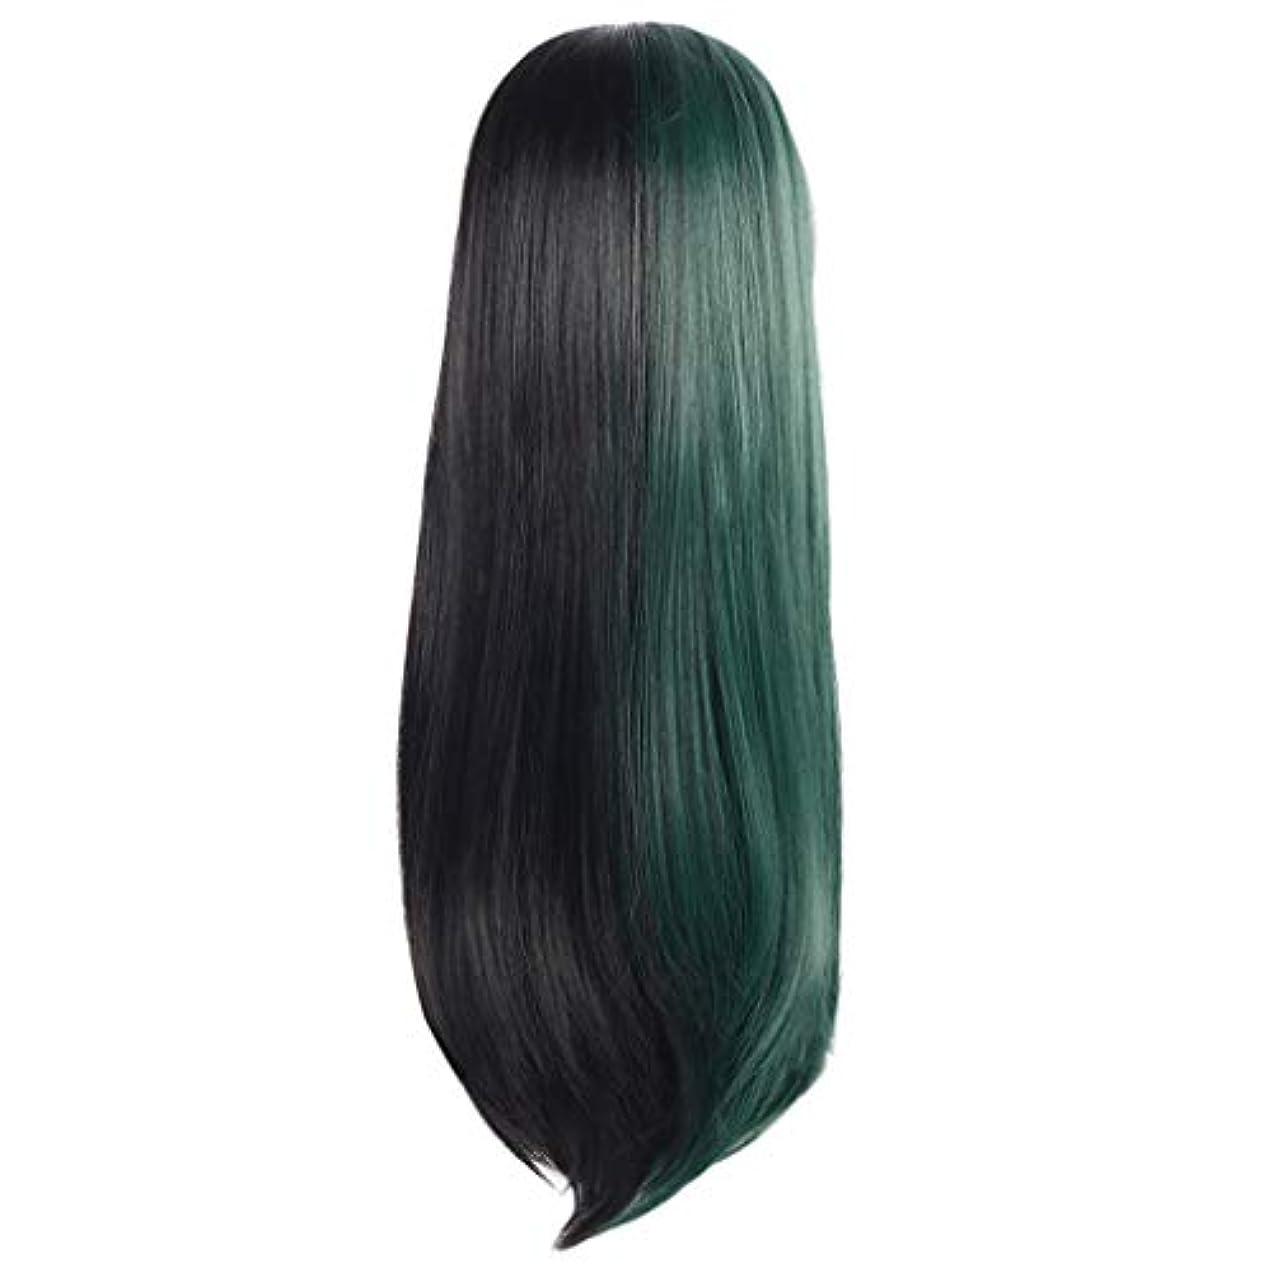 損傷注文論争的女性の長いストレートの髪黒緑のかつら創造的な性格かつらローズネット